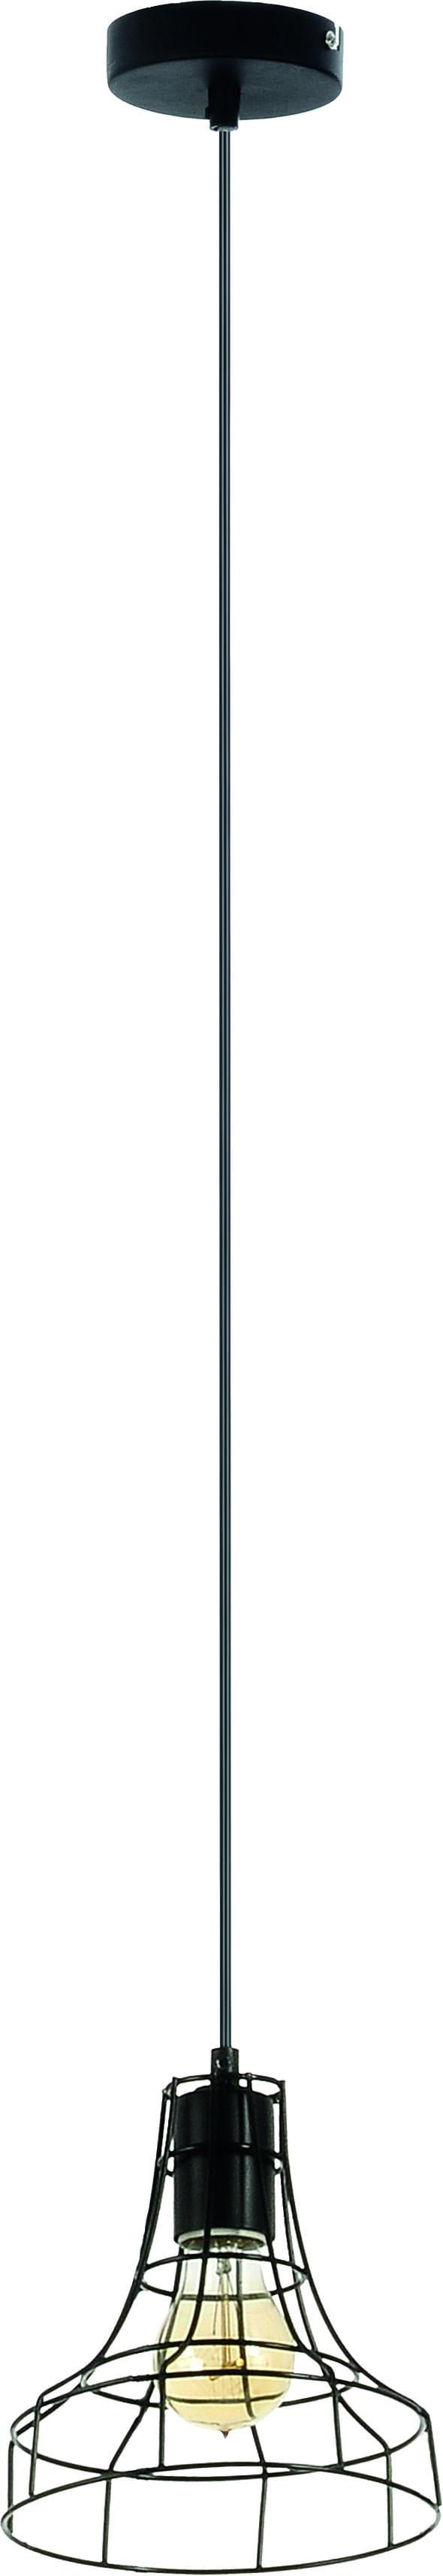 Lampa wisząca Outline Druciany klosz Czarna 60W